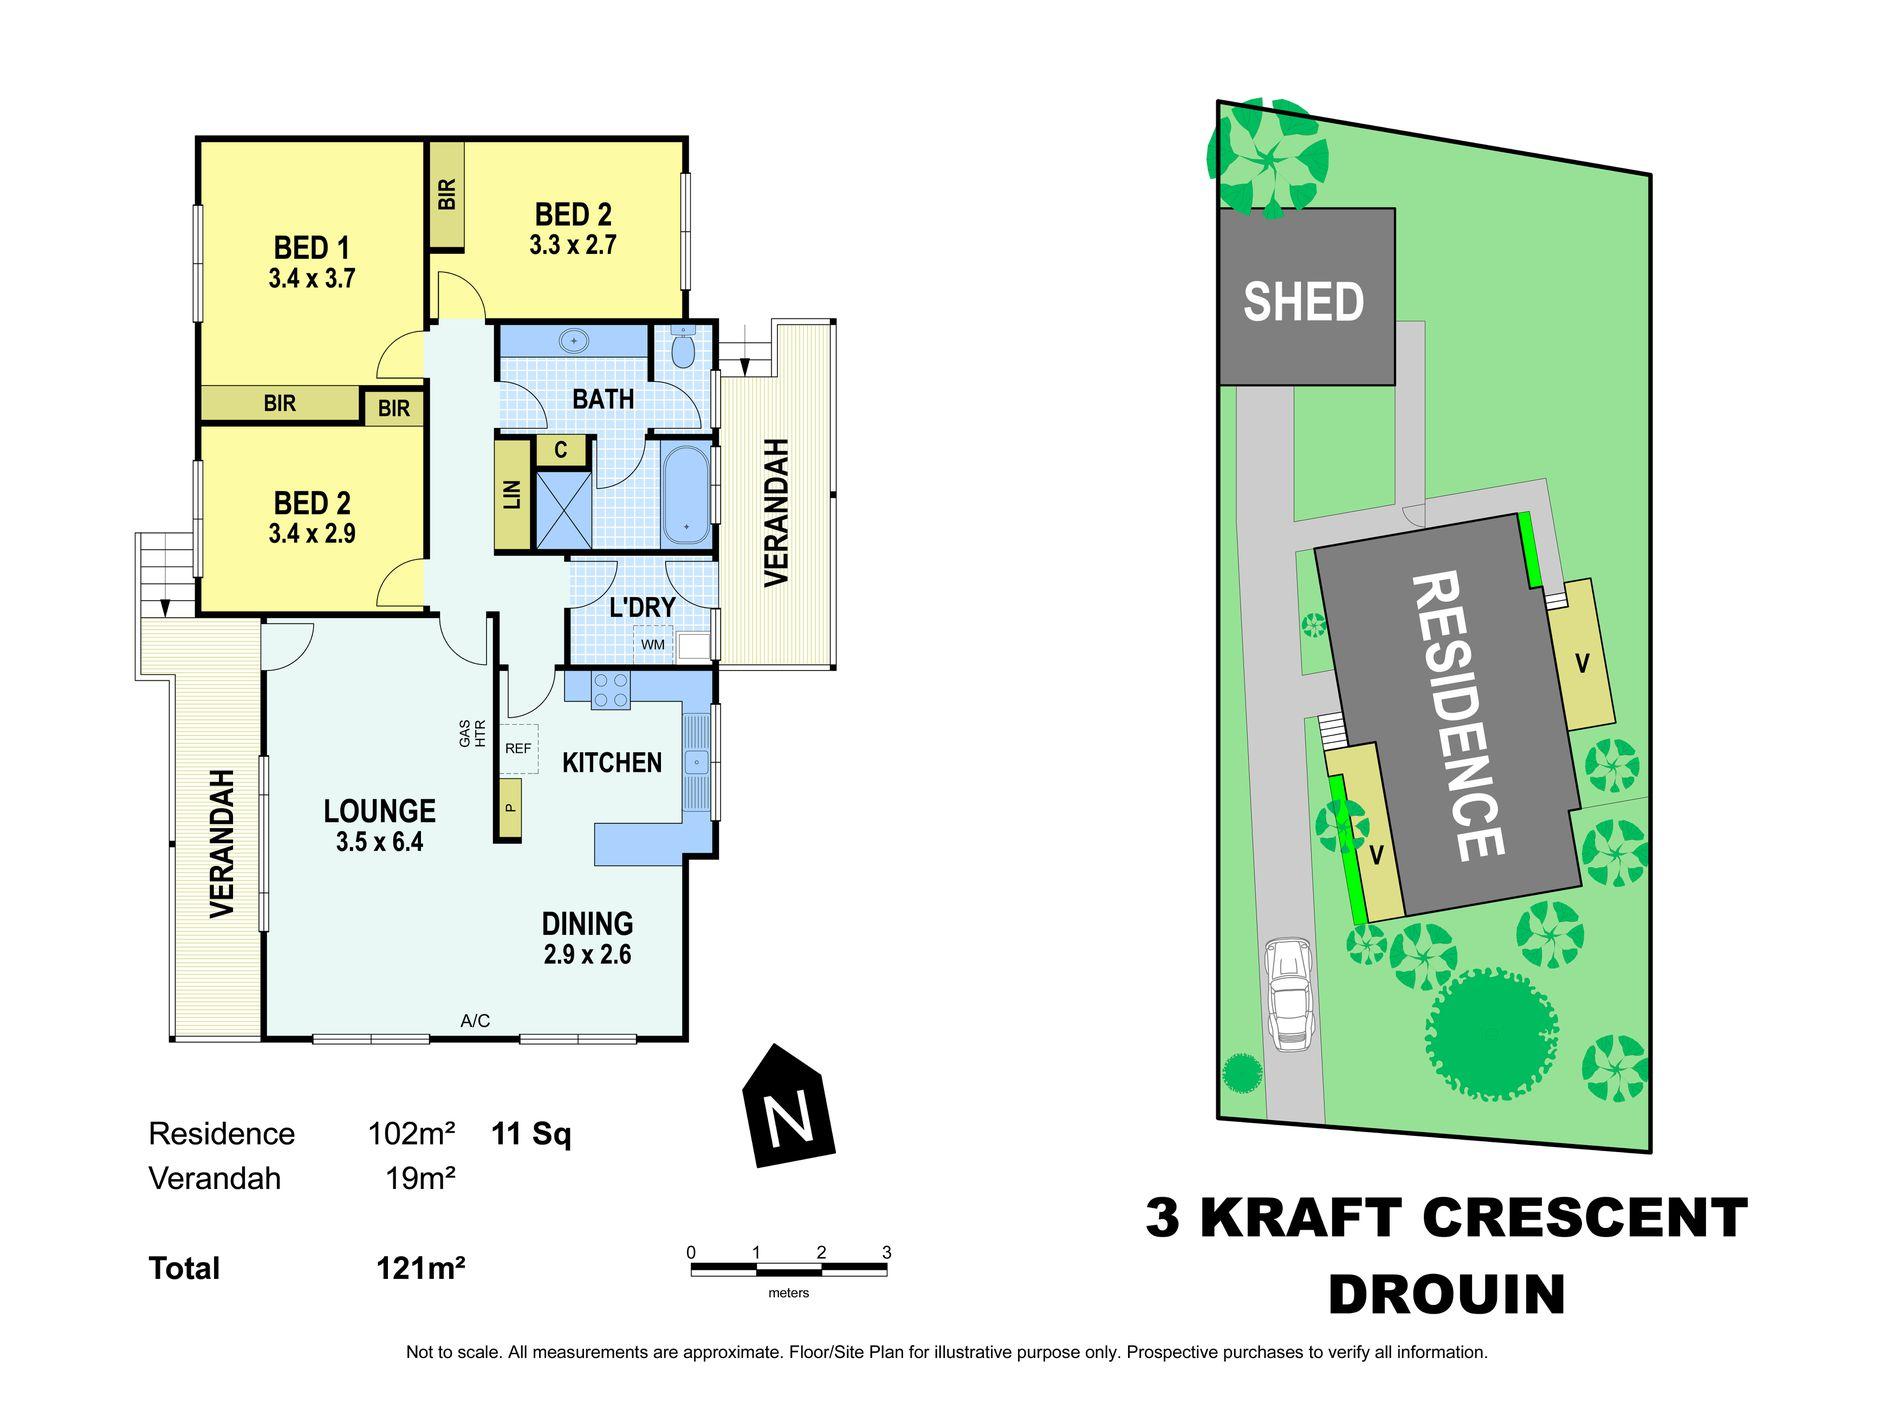 3 Kraft Crescent, Drouin